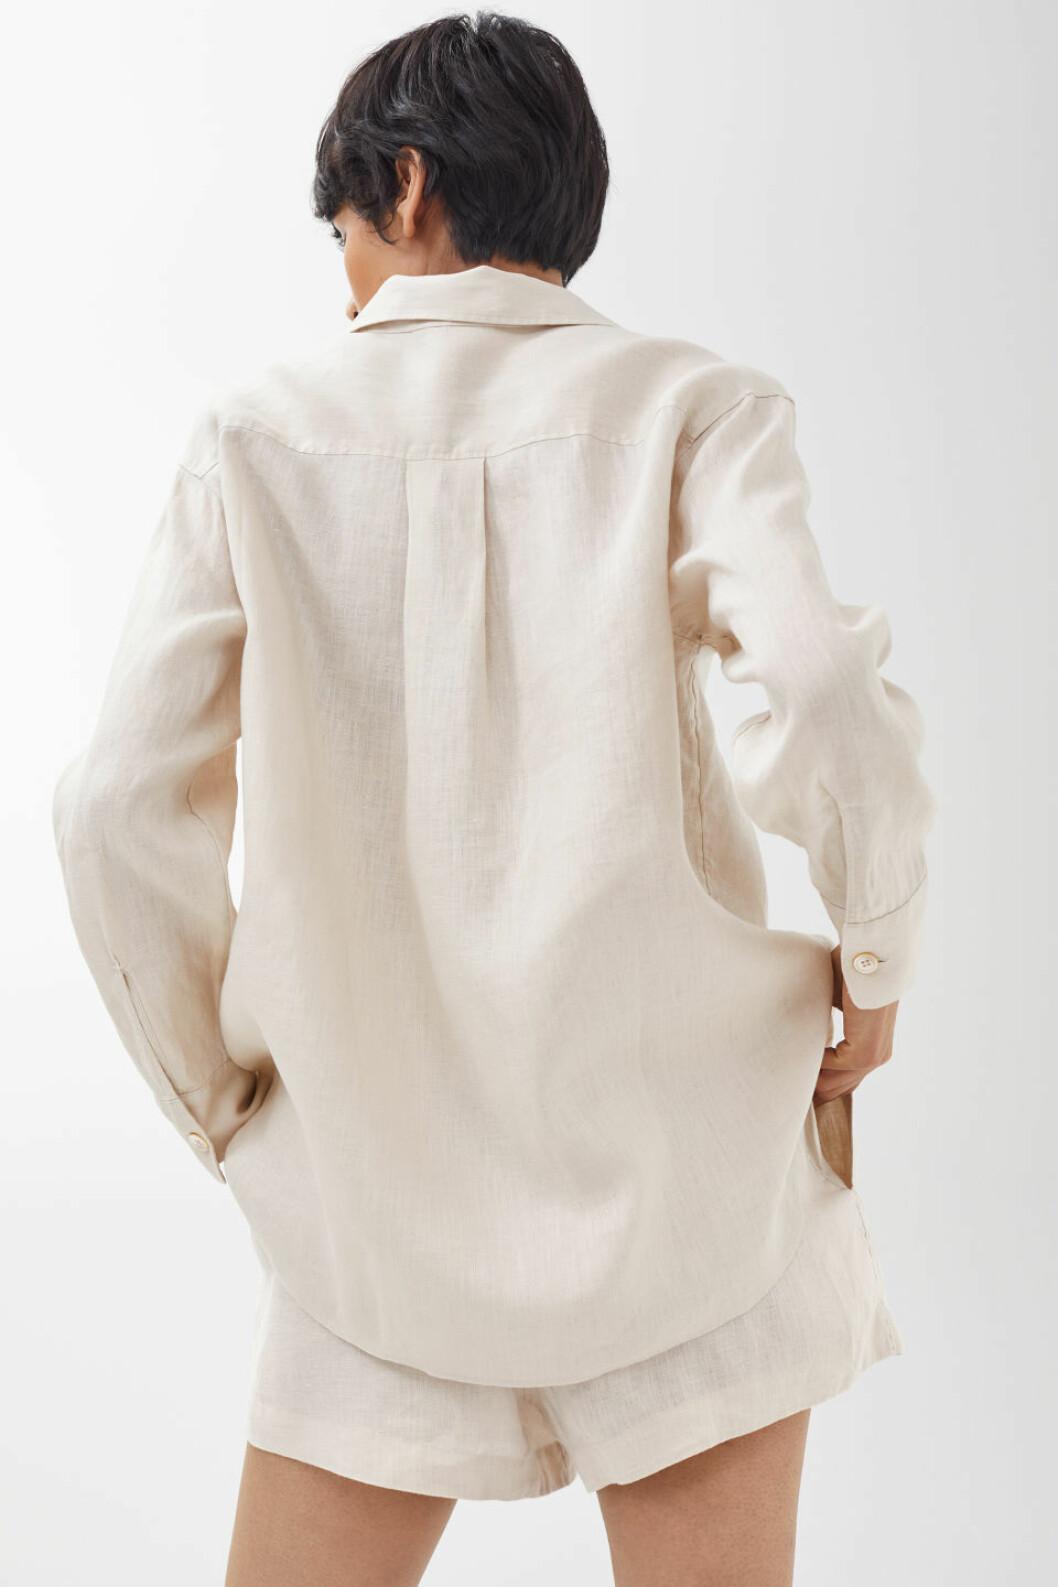 Linneskjorta från Arket.